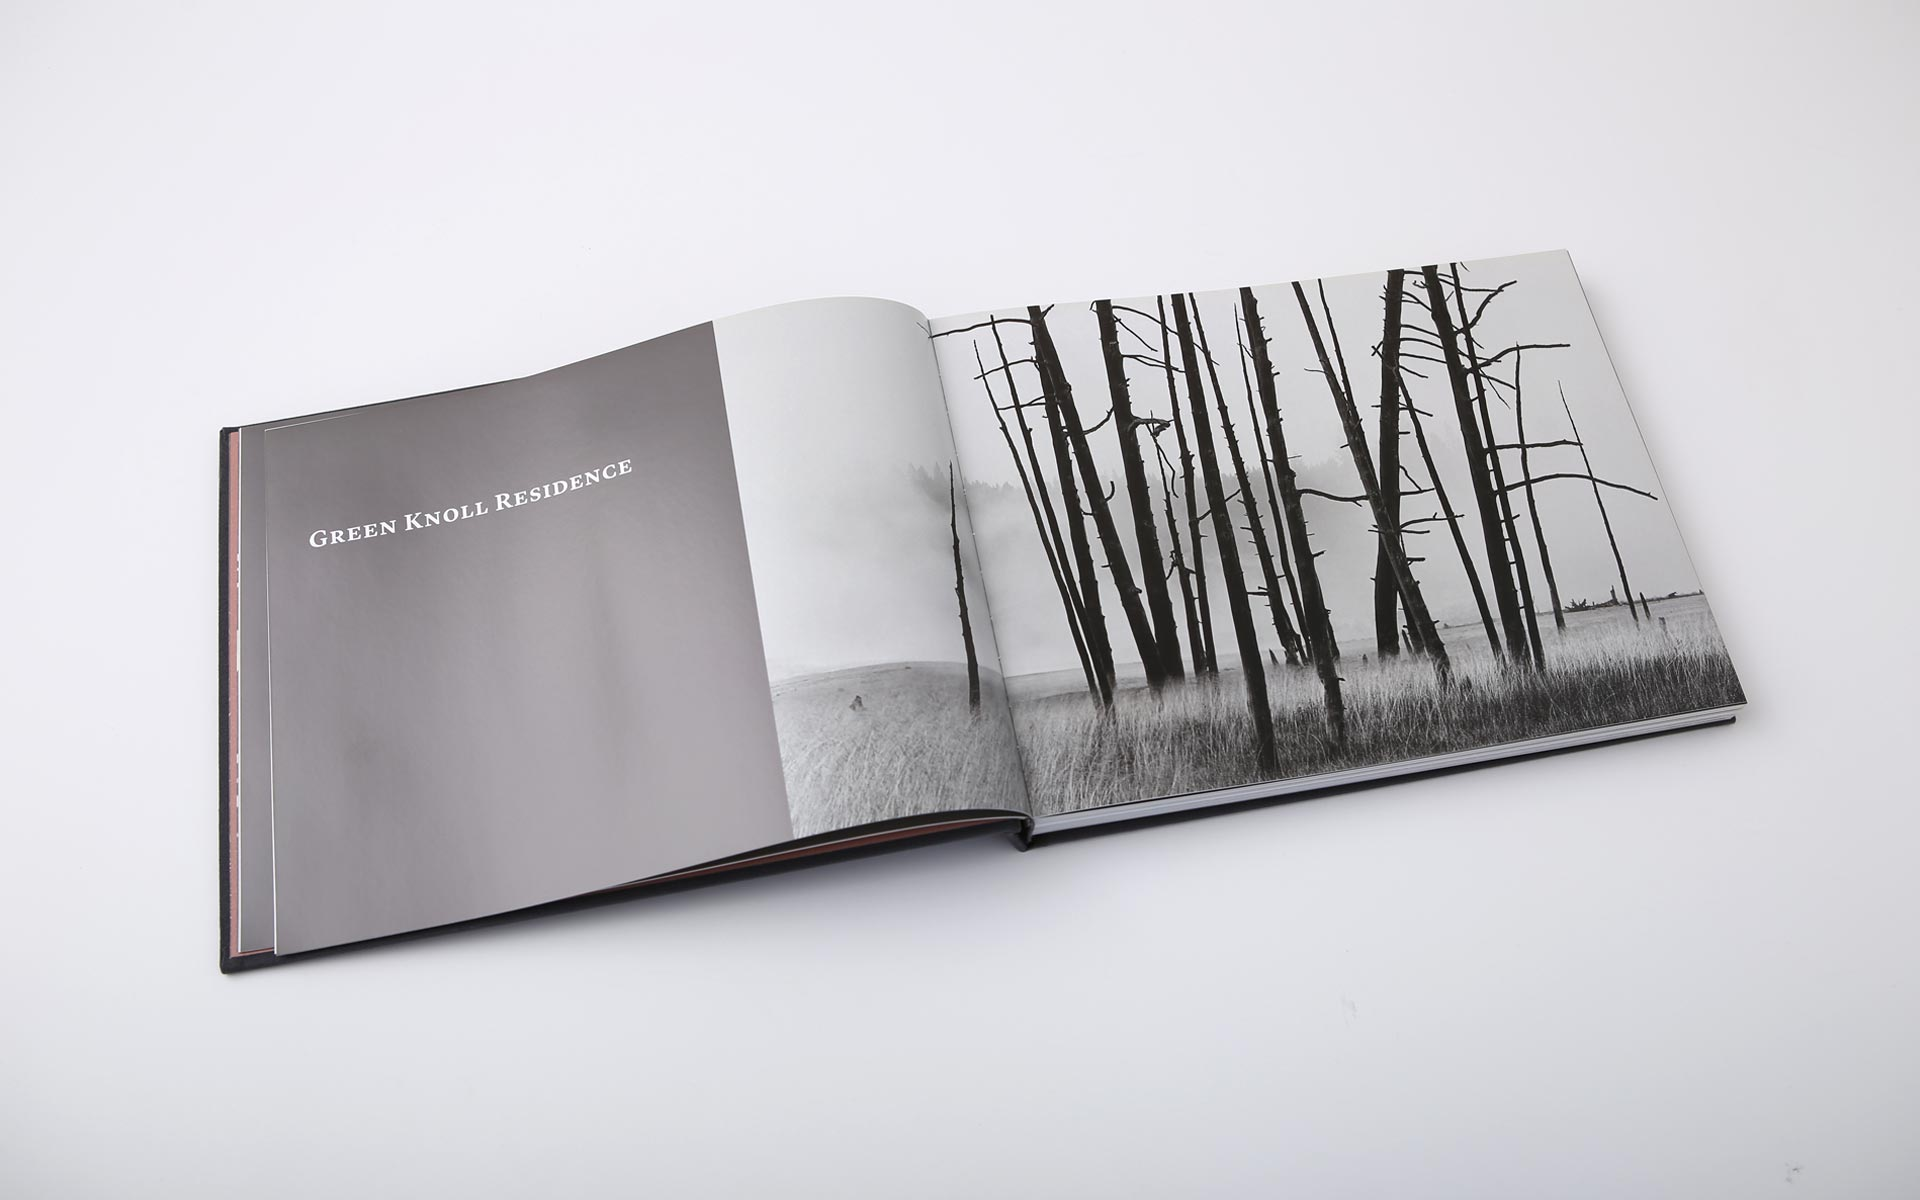 ward-blake-architects-book-design-7